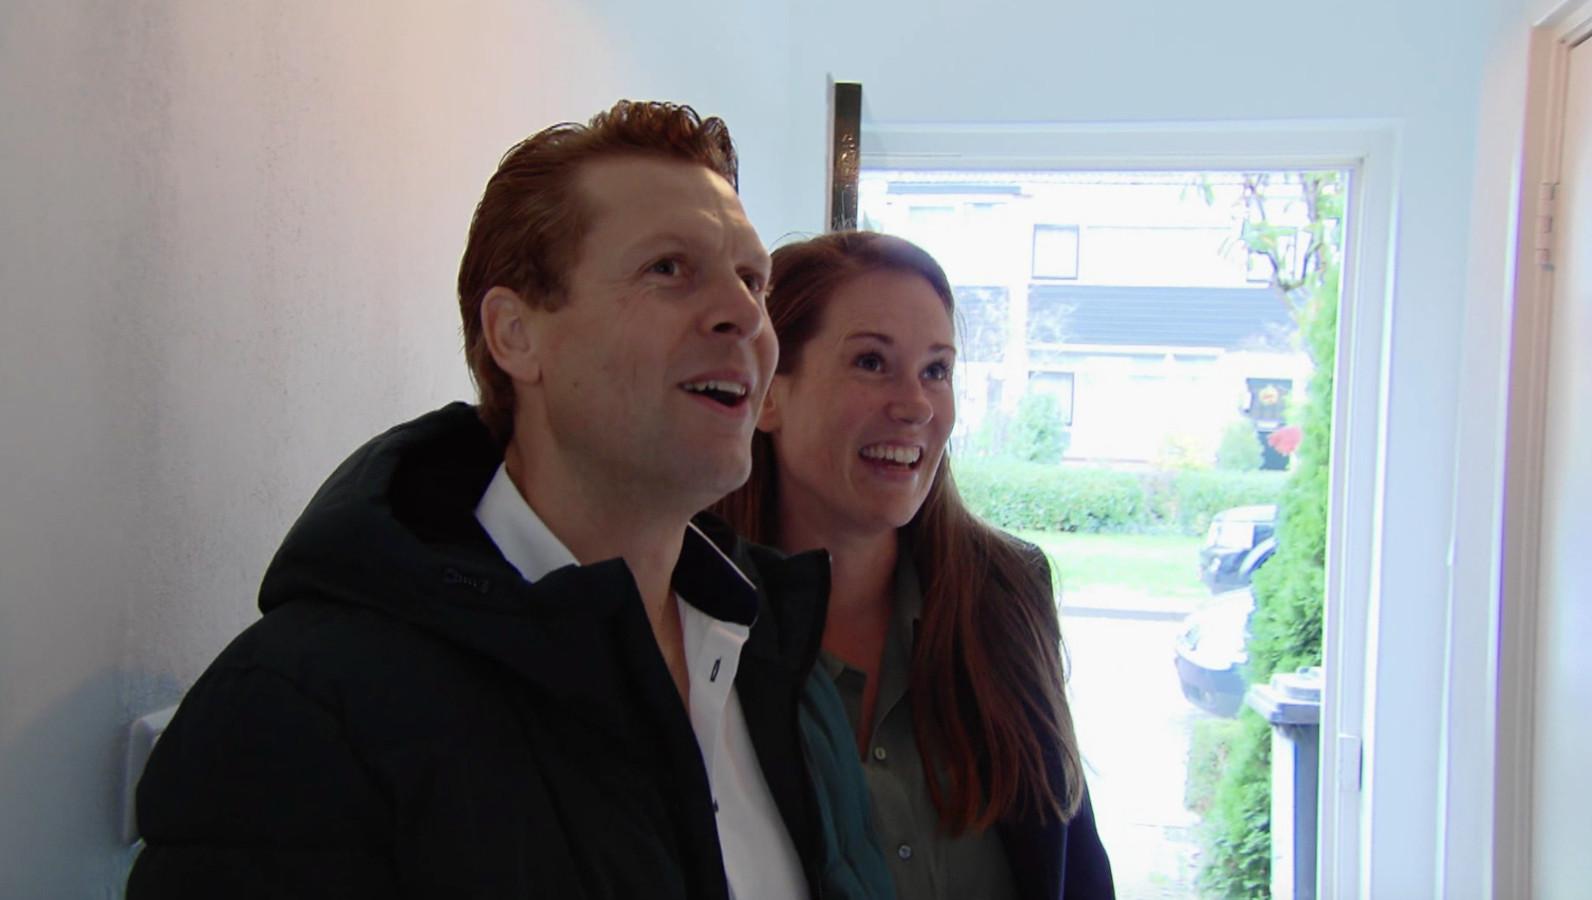 Jaap en Jessica zien hun nieuwe woning